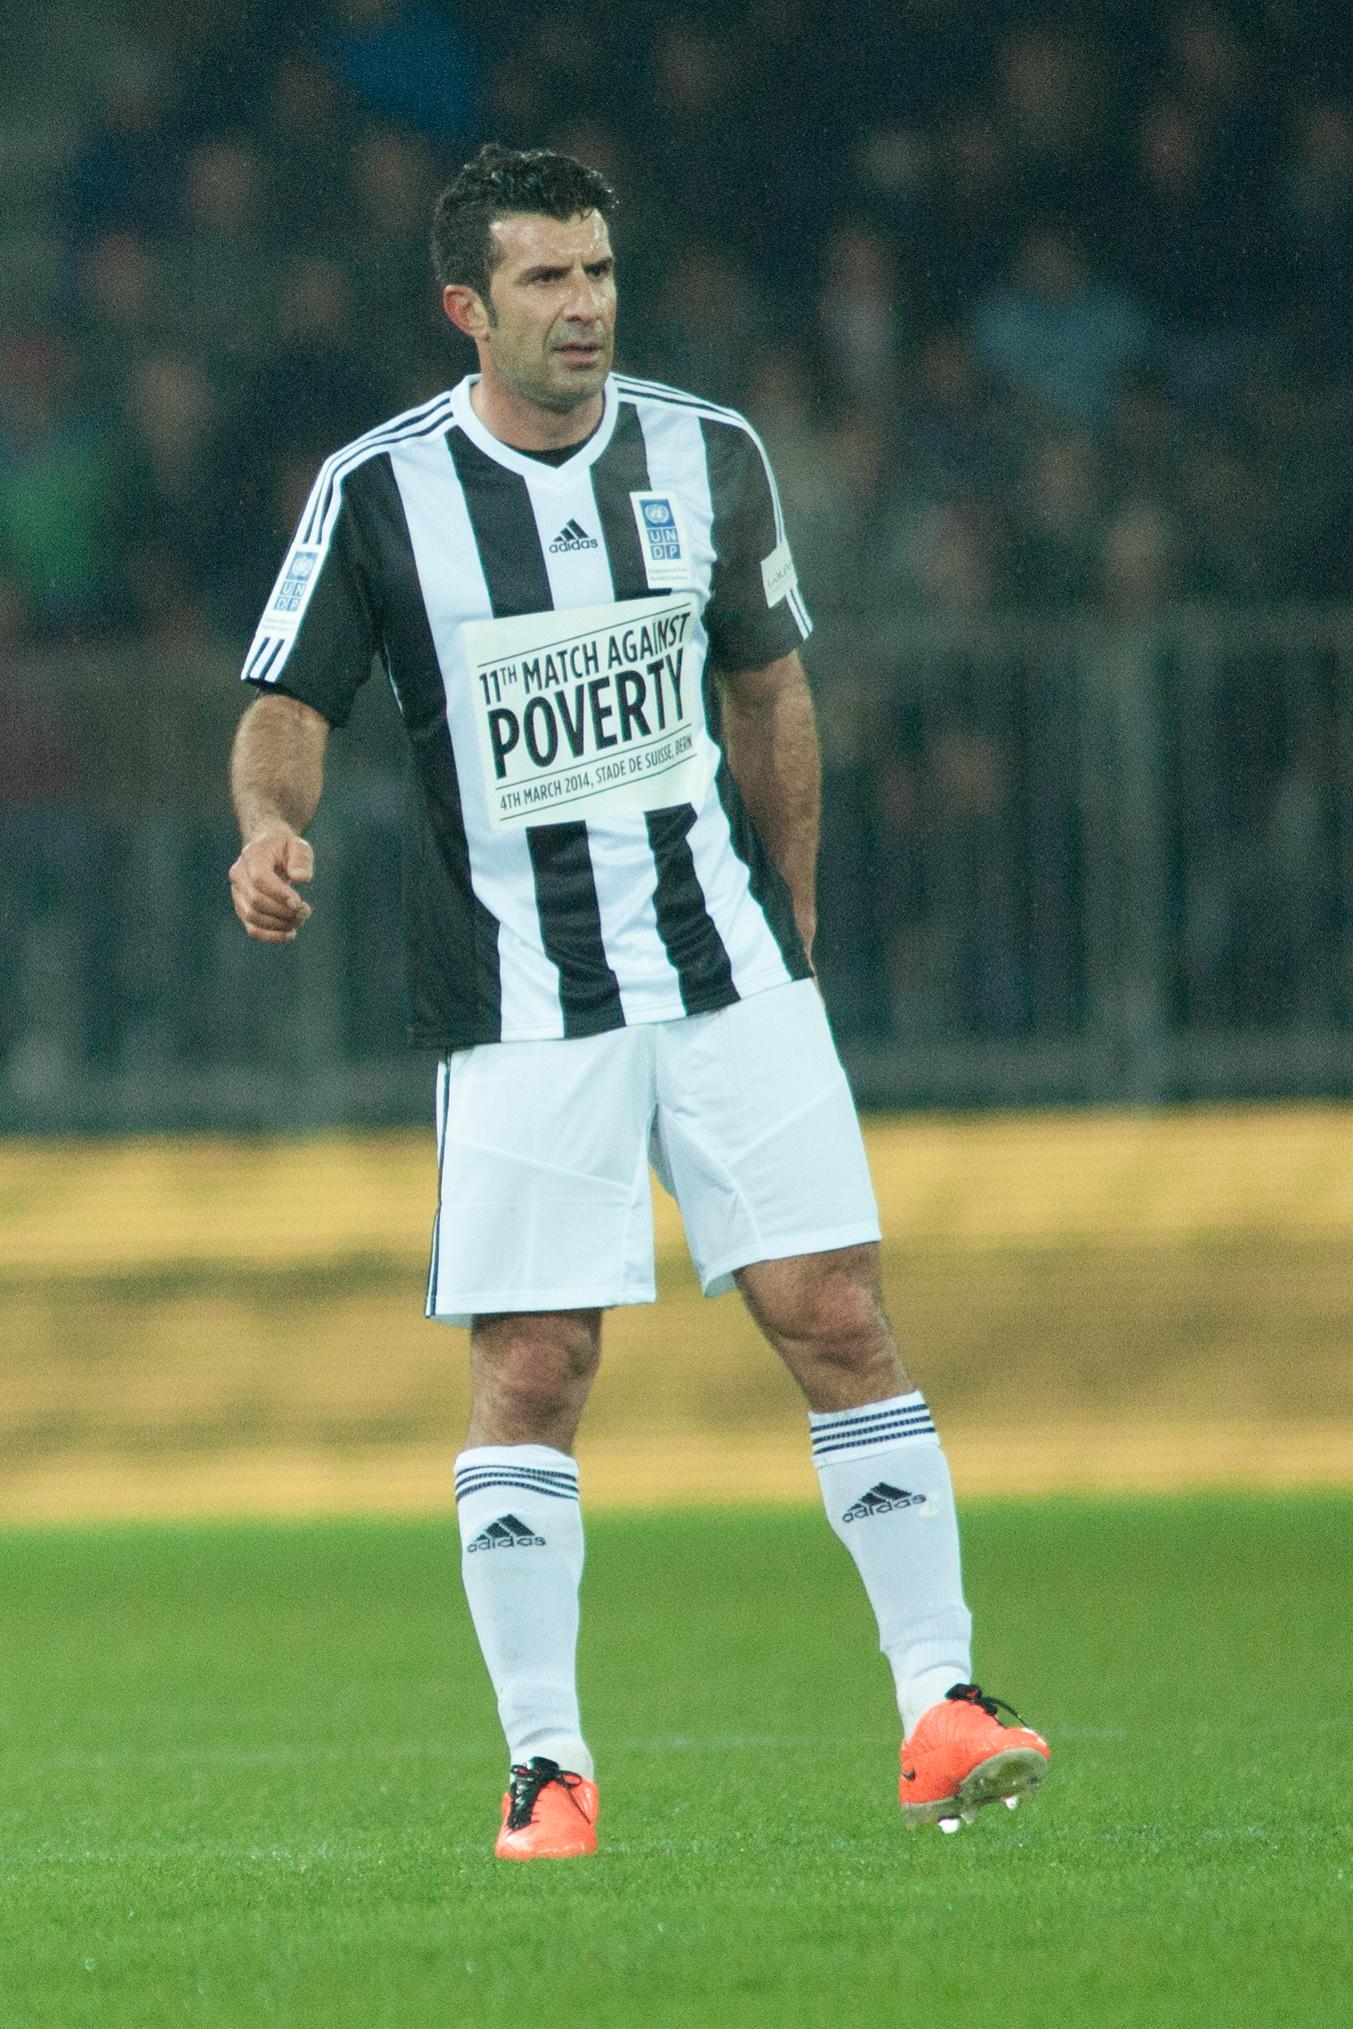 File Football against poverty 2014 Luis Figo Wikimedia mons